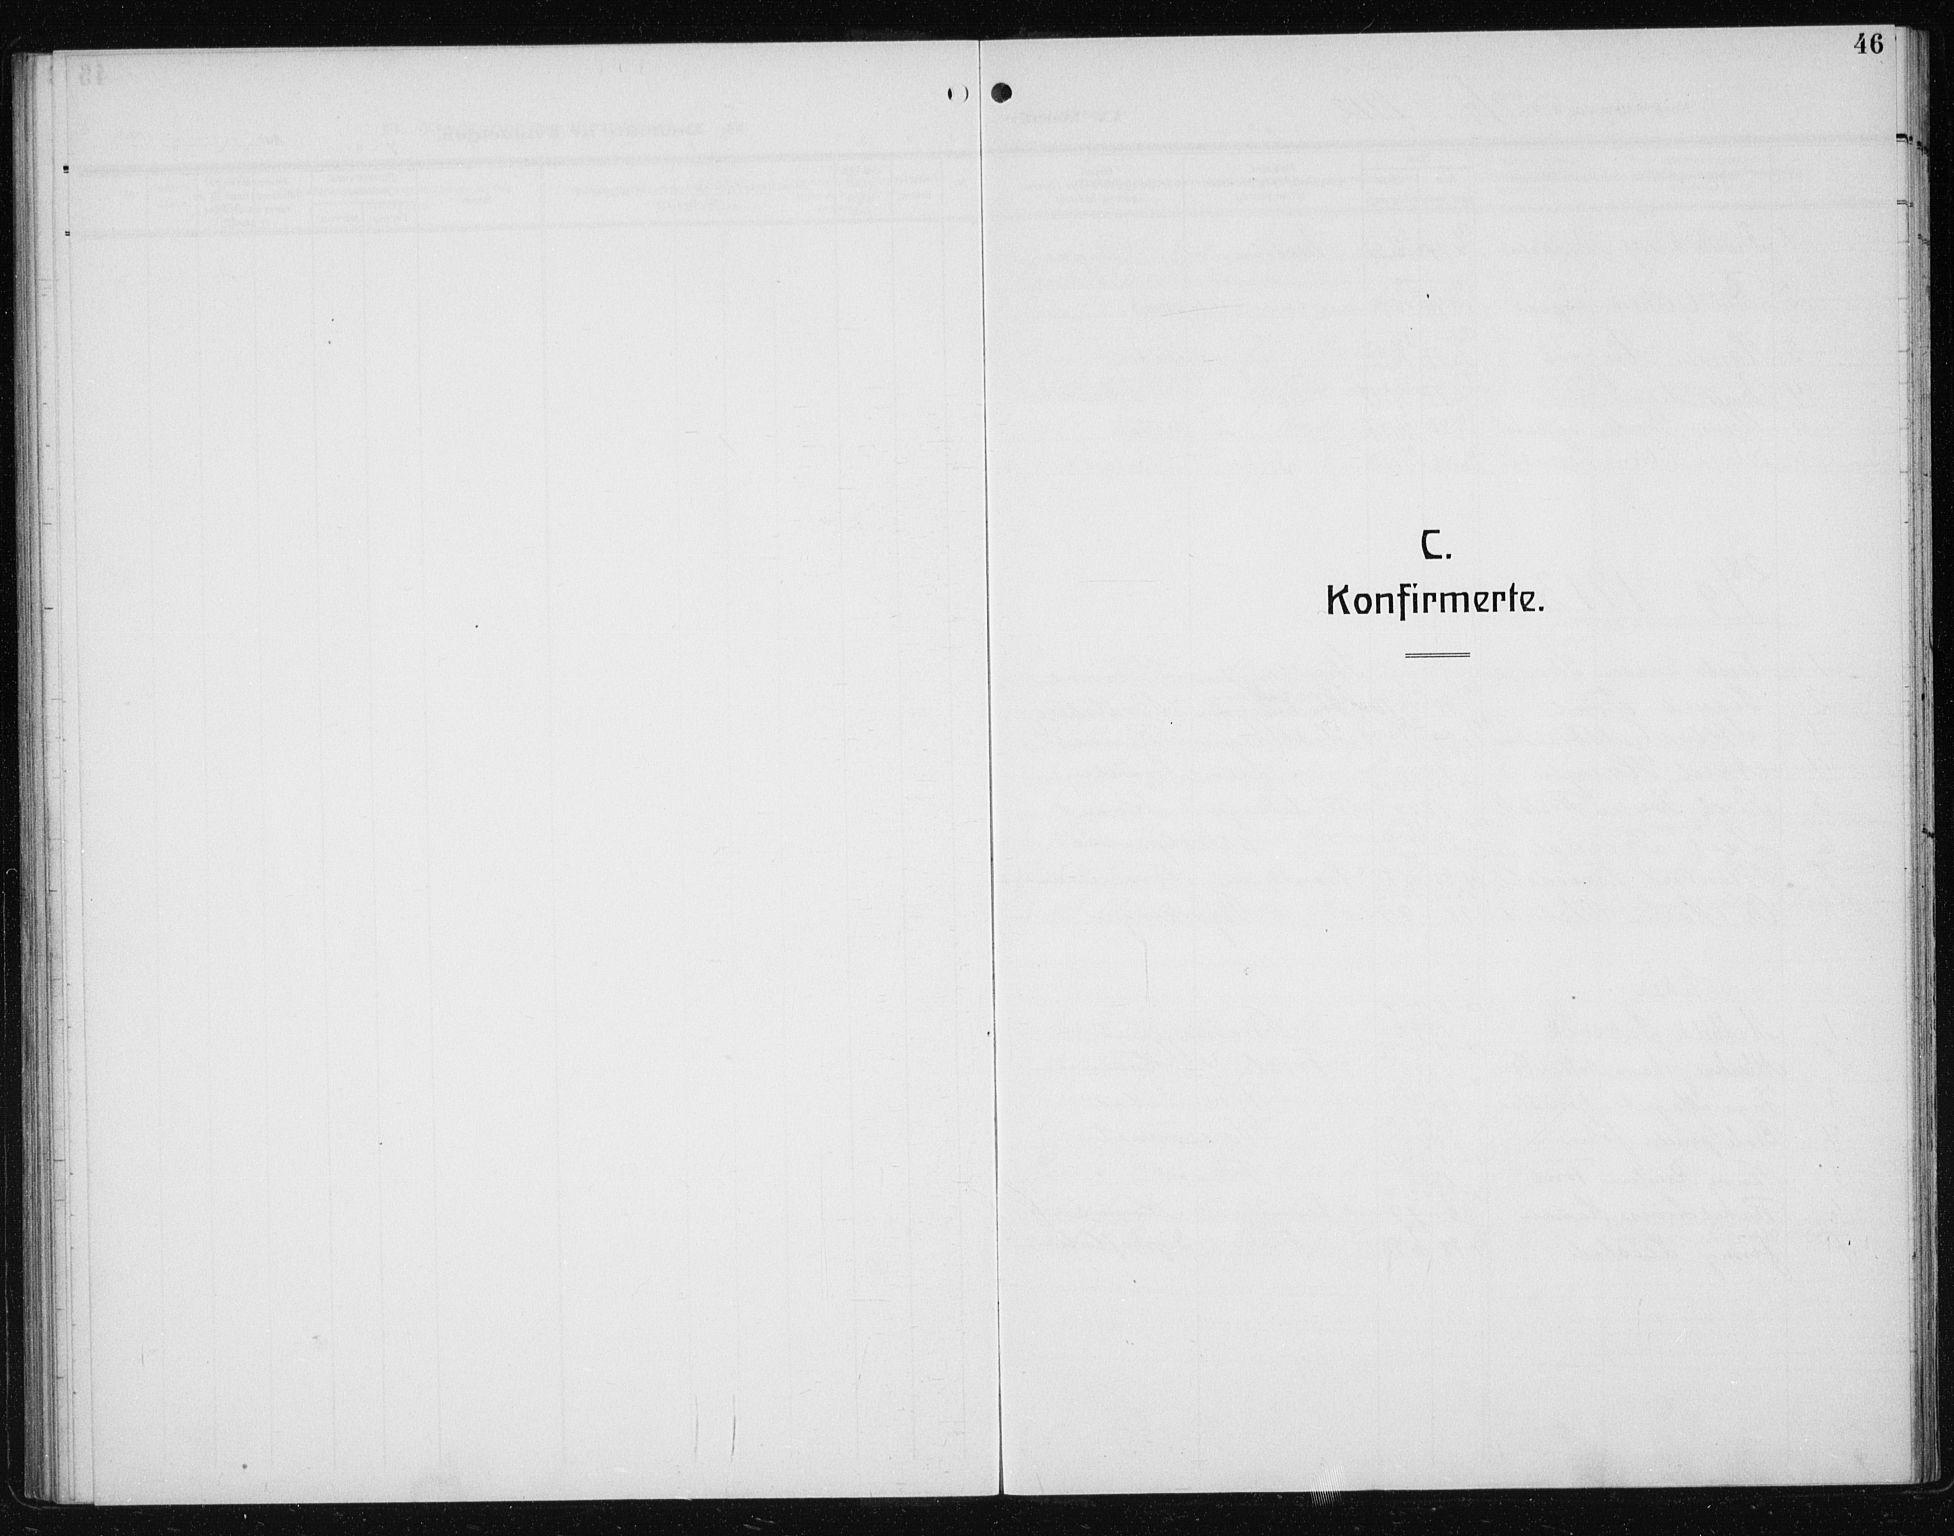 SAT, Ministerialprotokoller, klokkerbøker og fødselsregistre - Sør-Trøndelag, 608/L0342: Klokkerbok nr. 608C08, 1912-1938, s. 46